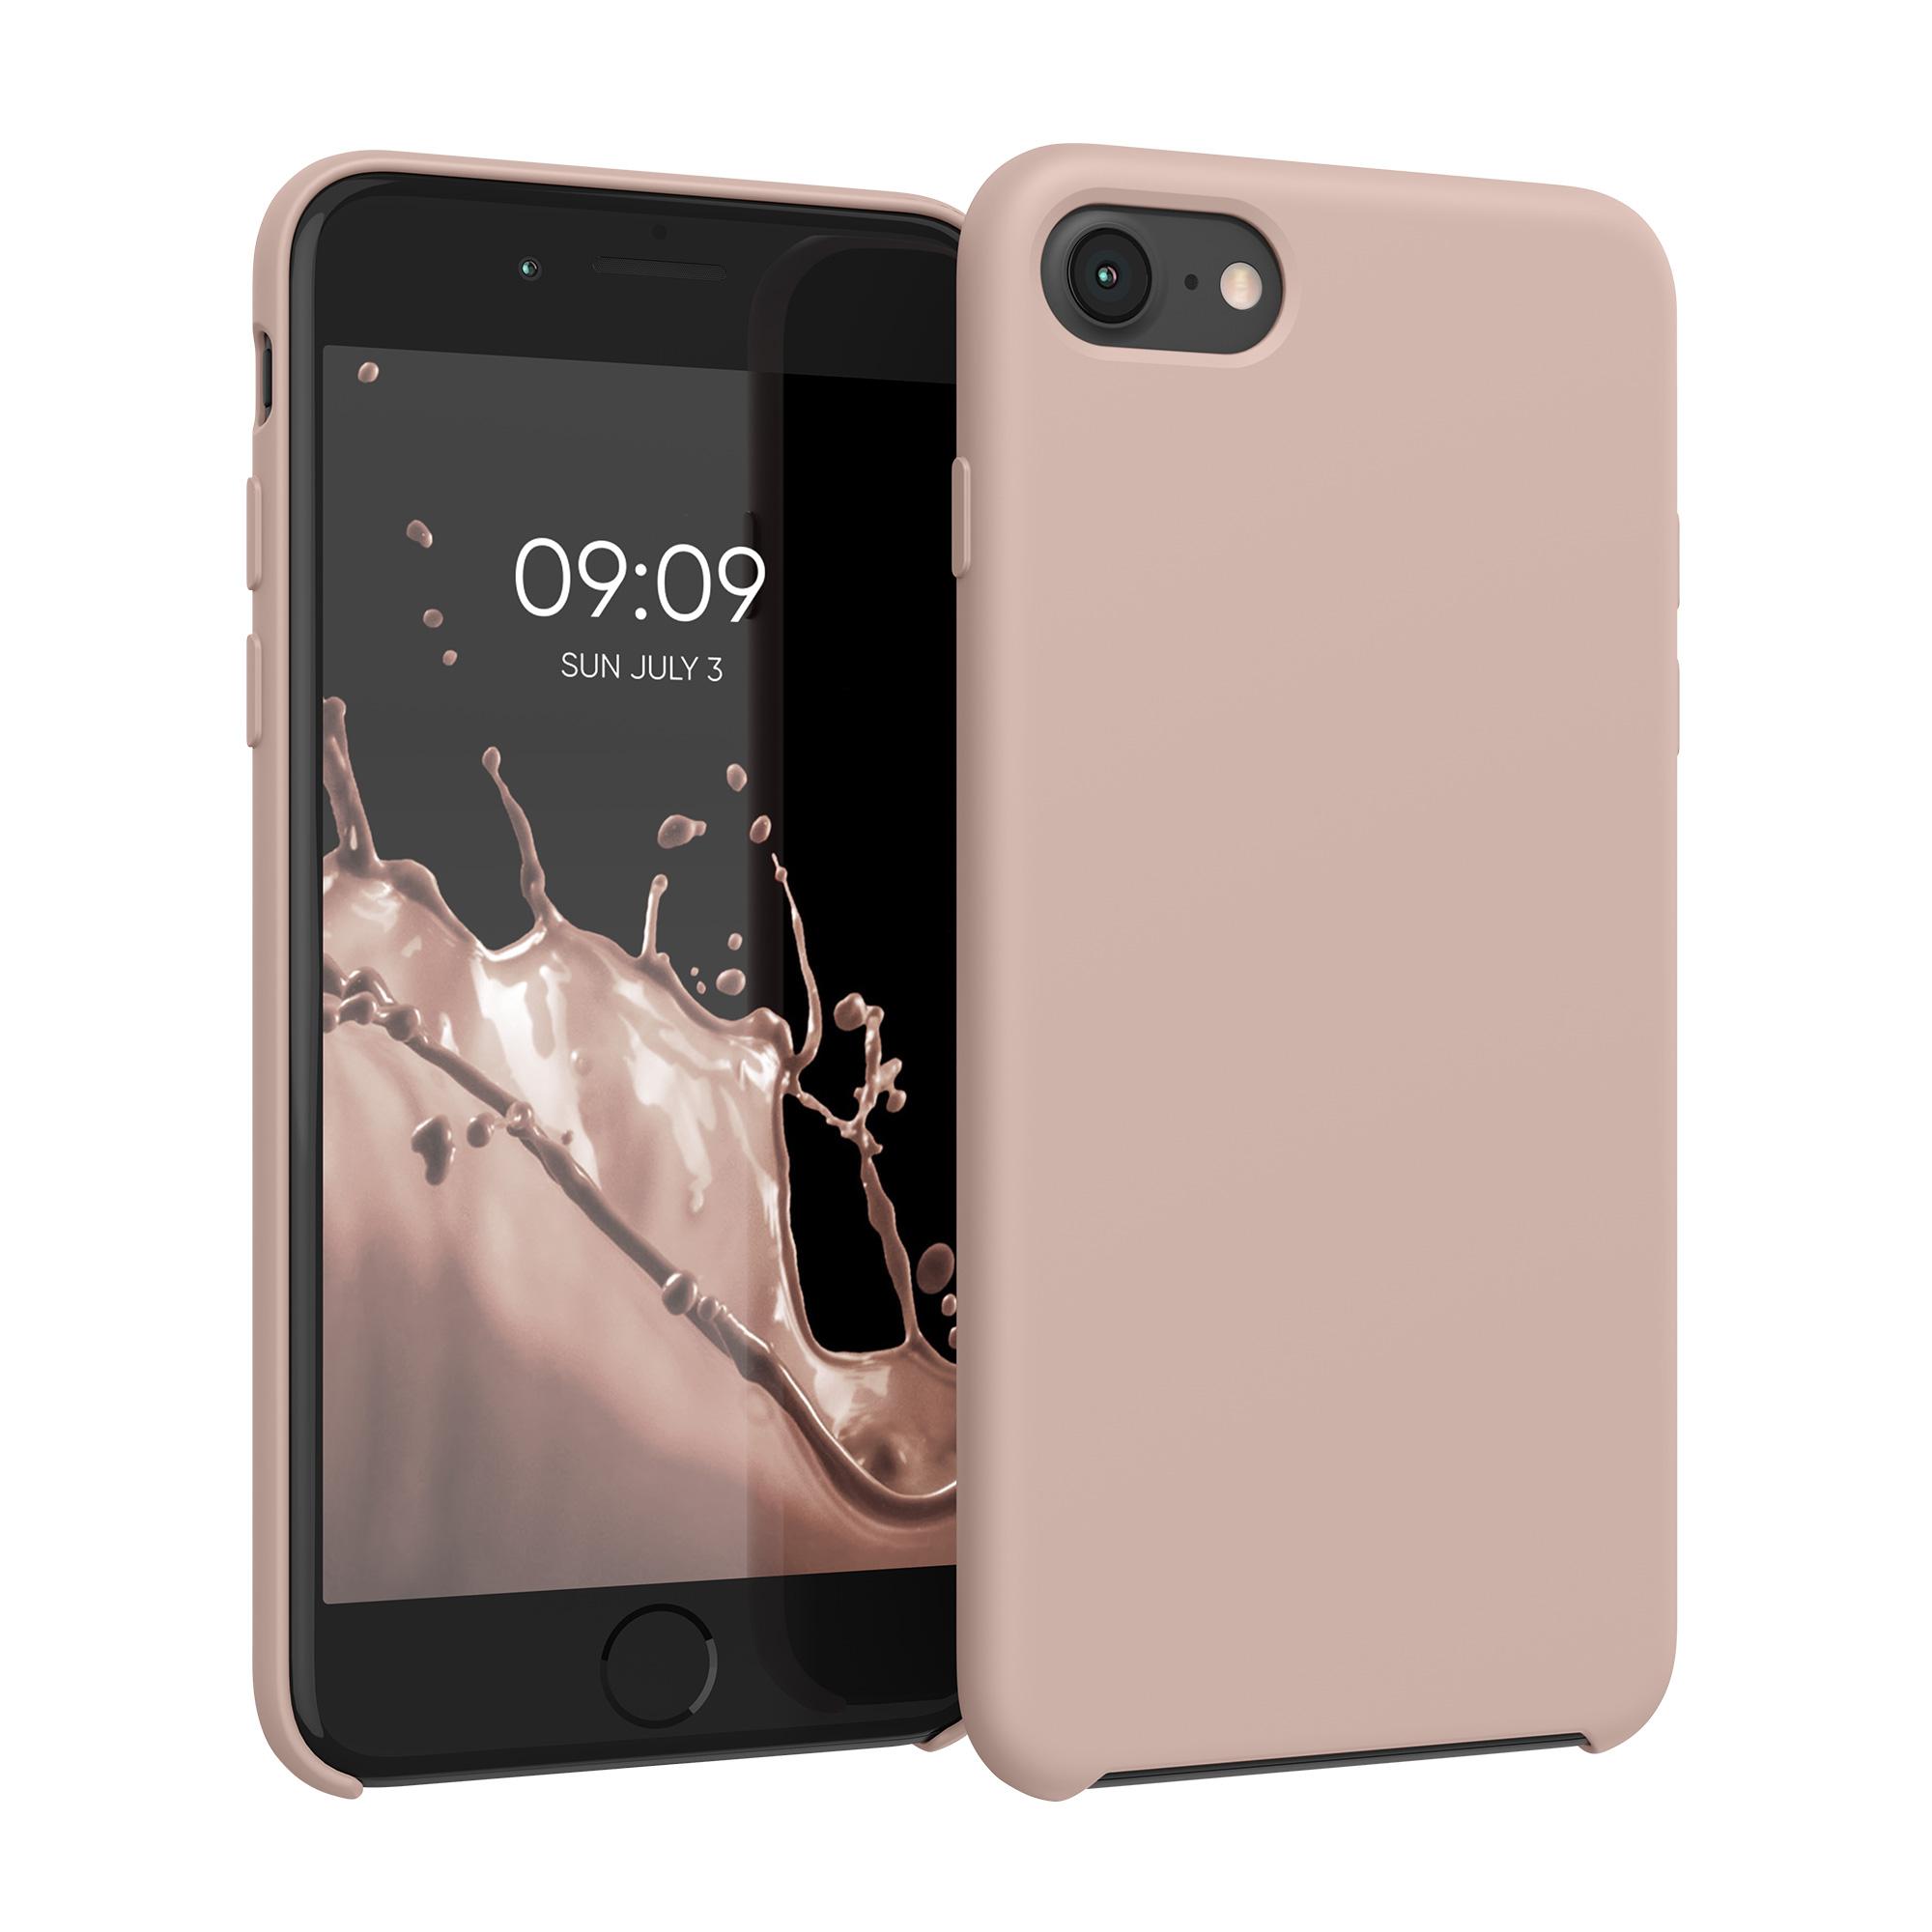 Kvalitní silikonové TPU pouzdro pro Apple iPhone 7 / 8 / SE  - Rose Gold Matte